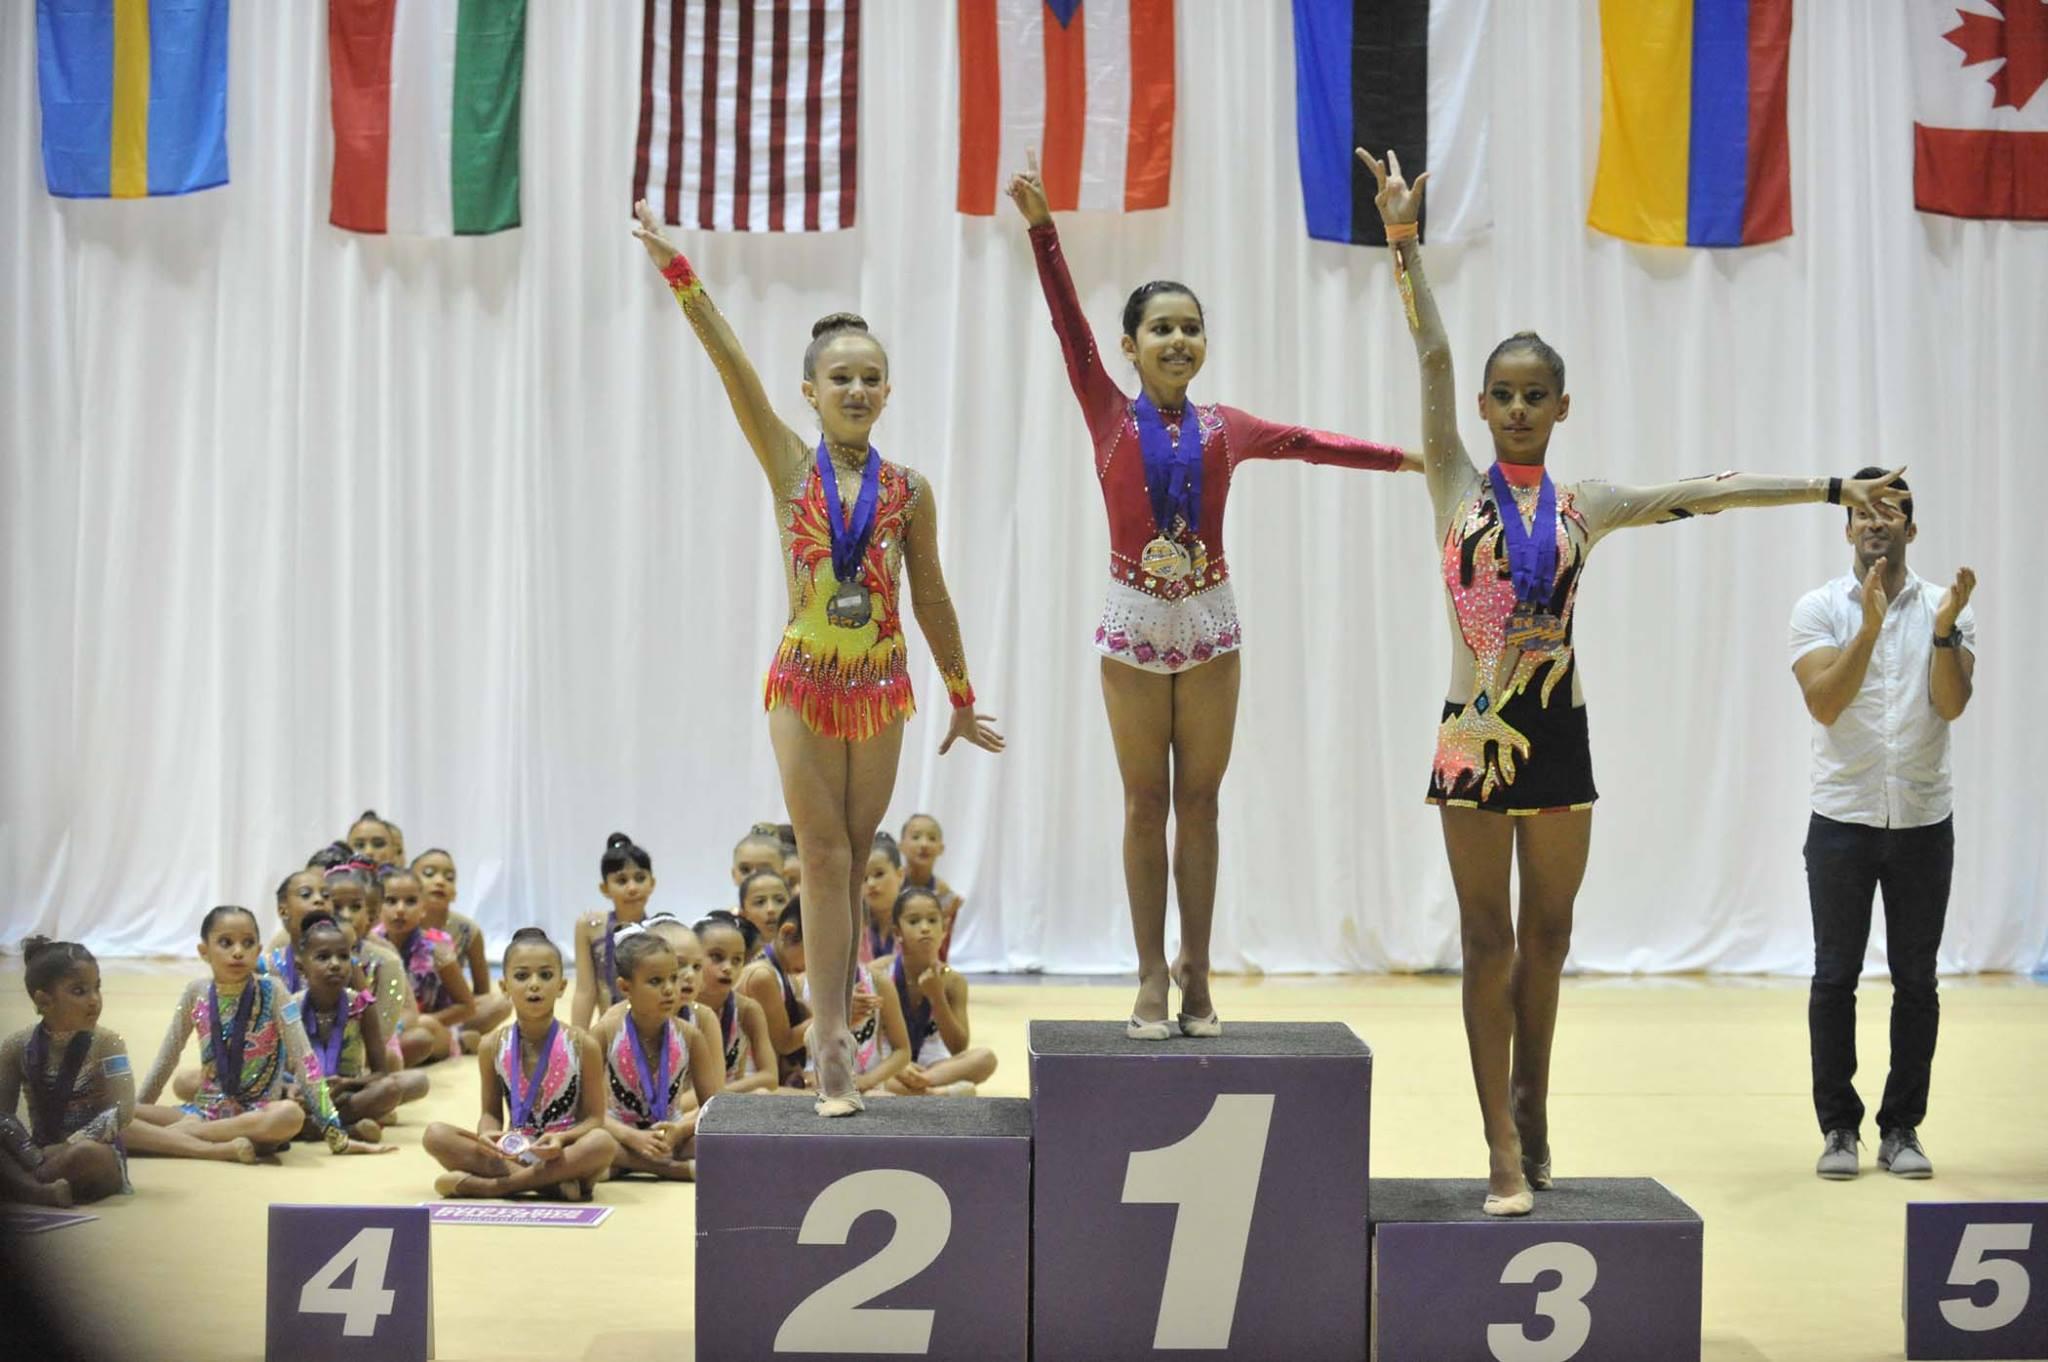 Niñas participantes: 1ro, 2do y 3er Lugar